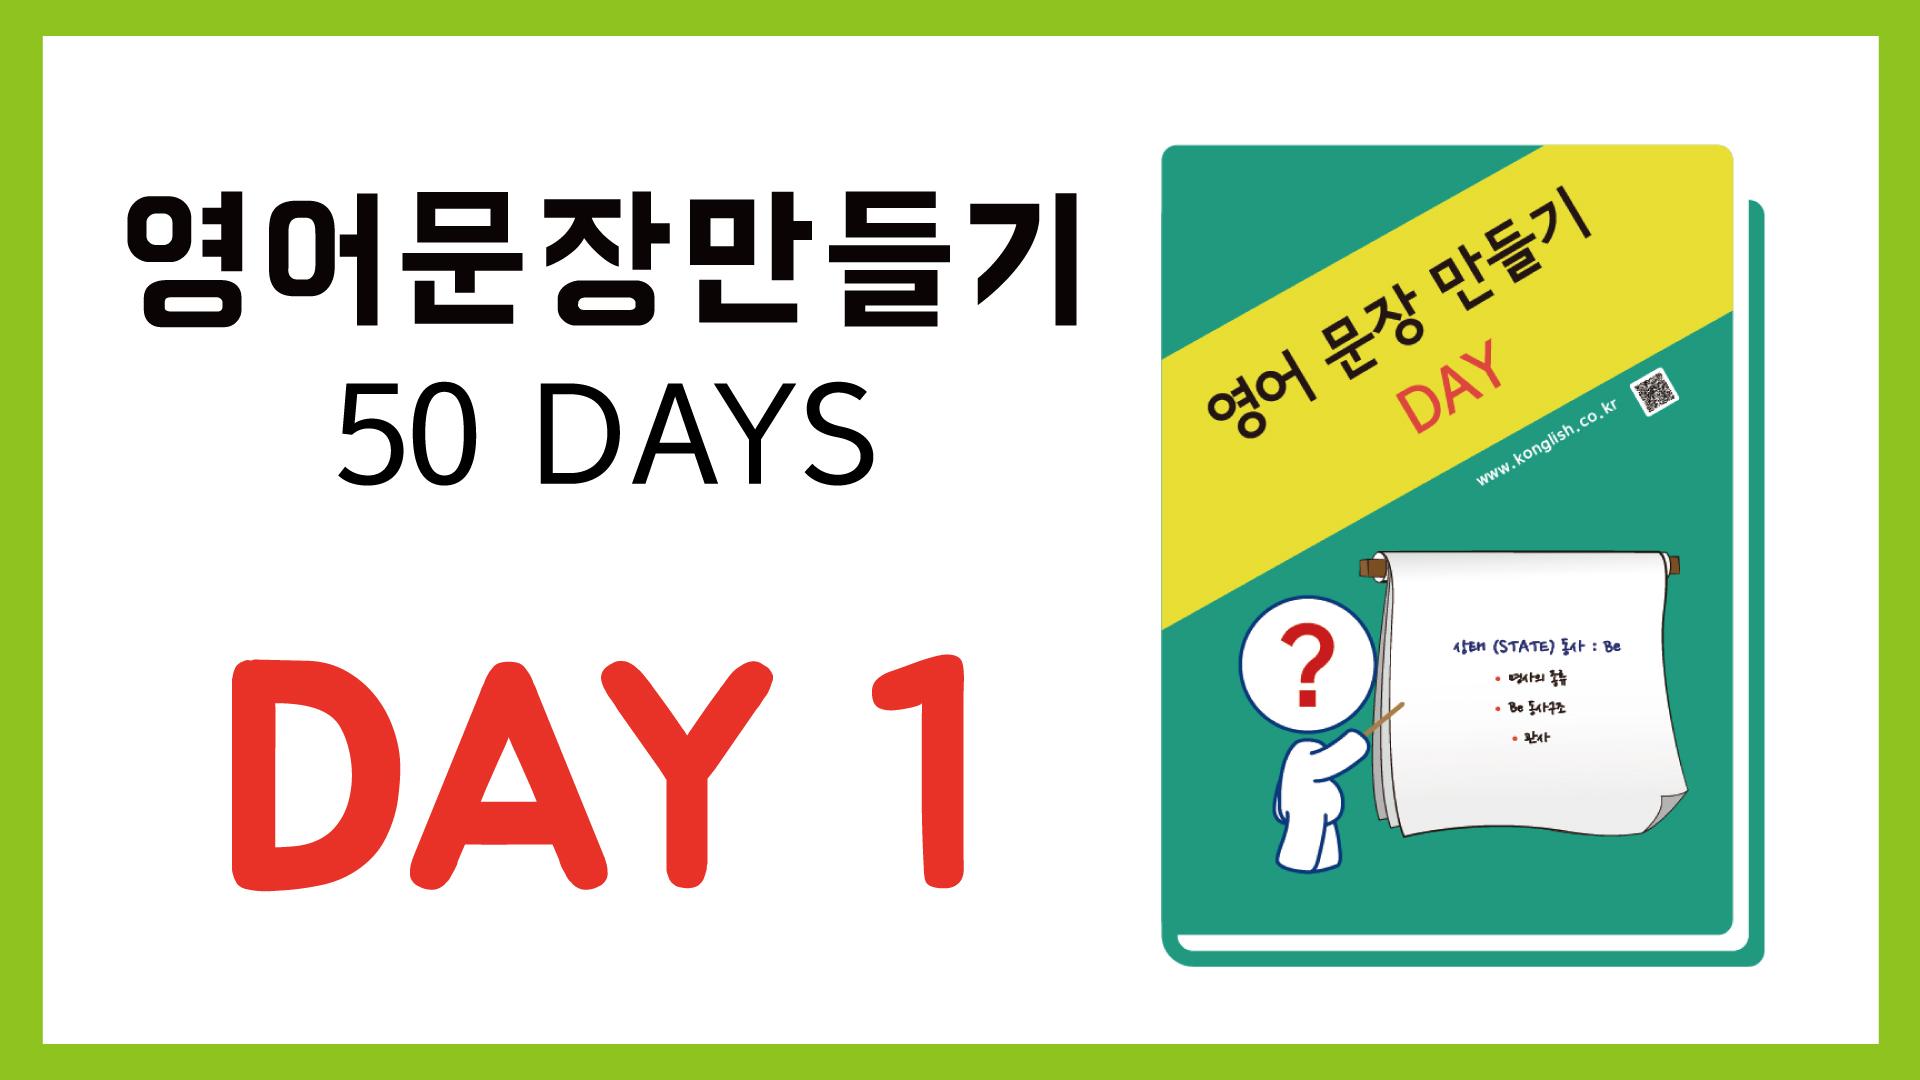 [콩글리쉬 영어] 영어문장만들기 50Days : Day 1 ~ More